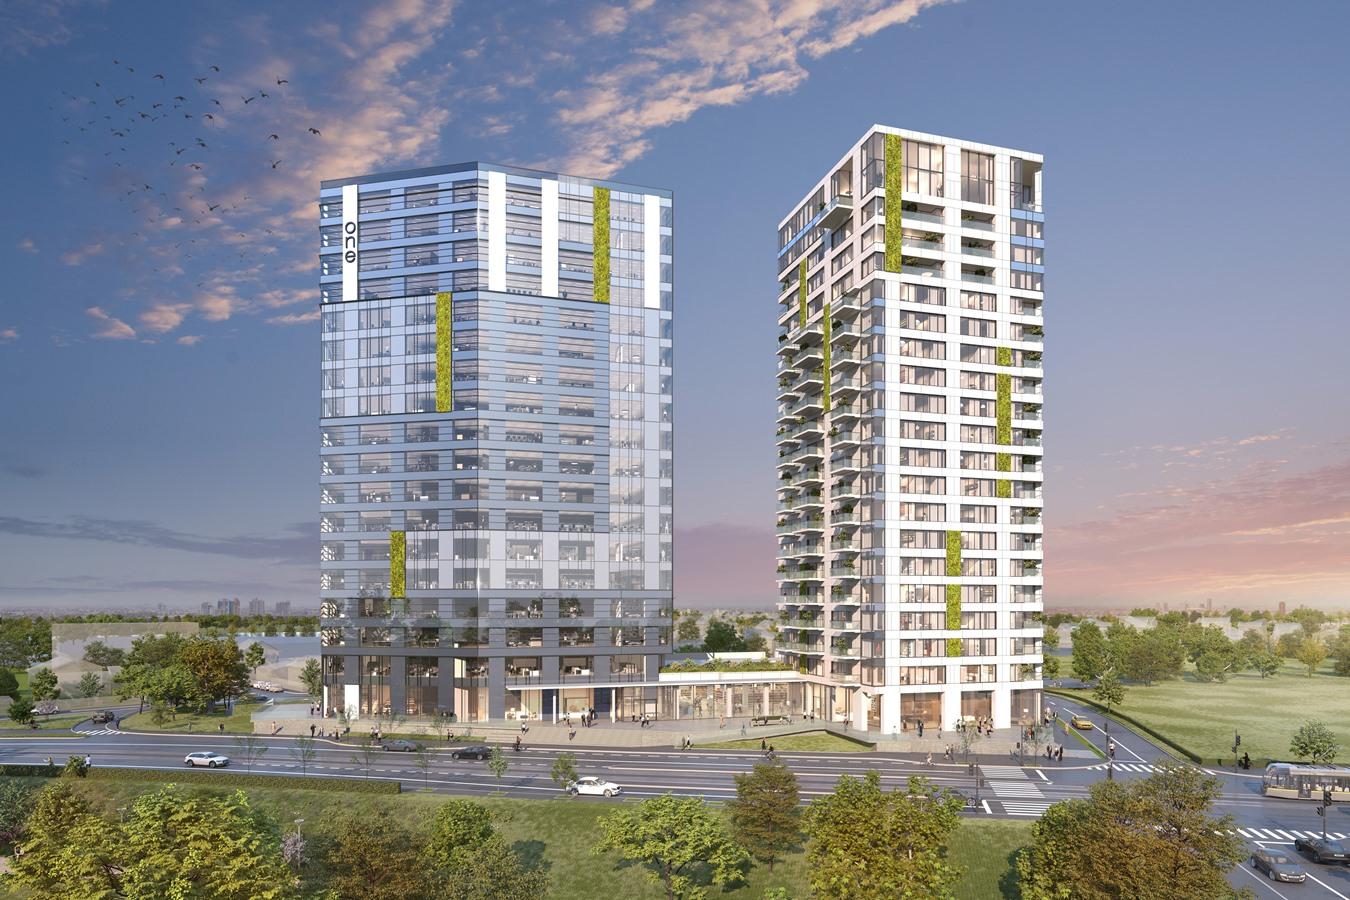 Proiectul One Verdi Park, dezvoltat de One United Properties,va fi finalizat în 2021